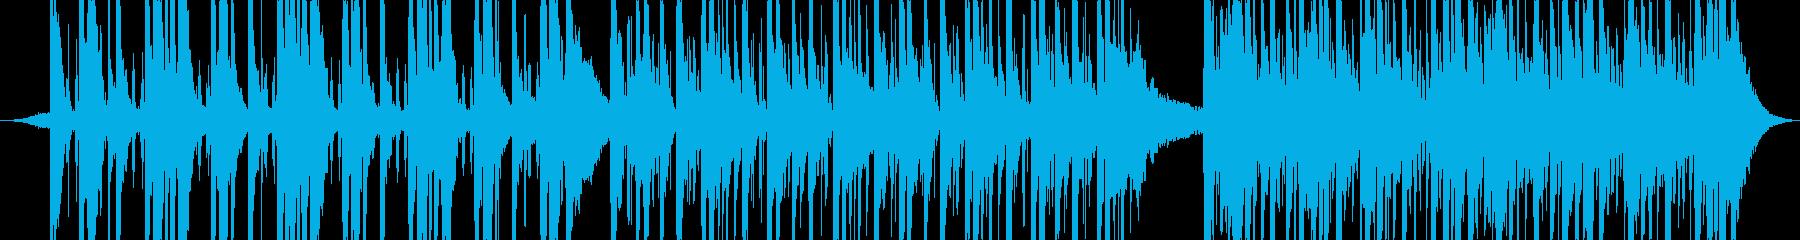 ワールド 民族 ポップ ロック 代...の再生済みの波形